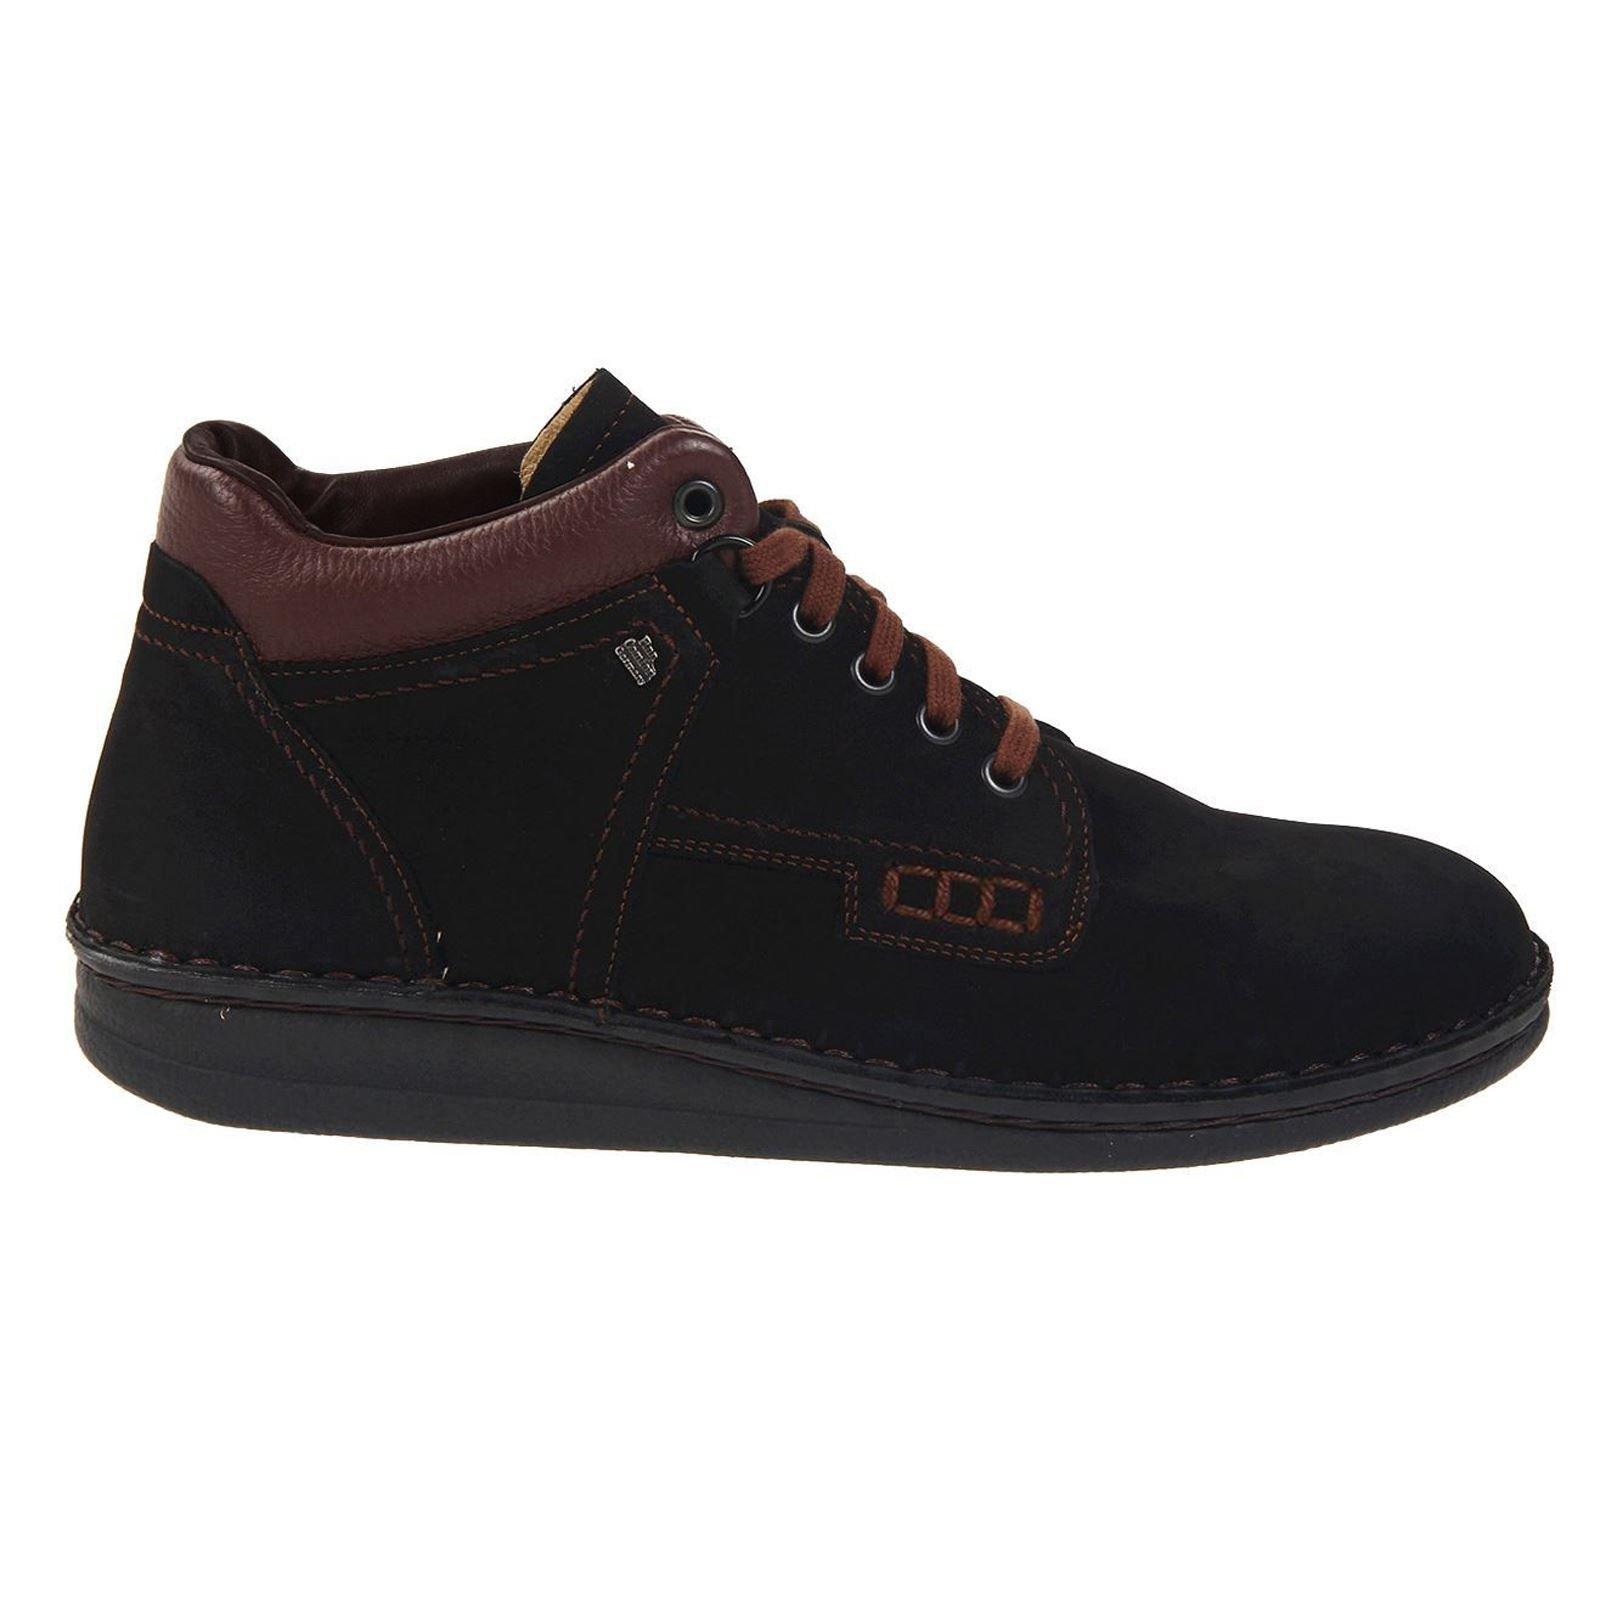 Finn Comfort Unisex Linz Boot,Black/Brown/Nevada,40 EU (US Men's 7 M/Women's 9 M) by Finn Comfort